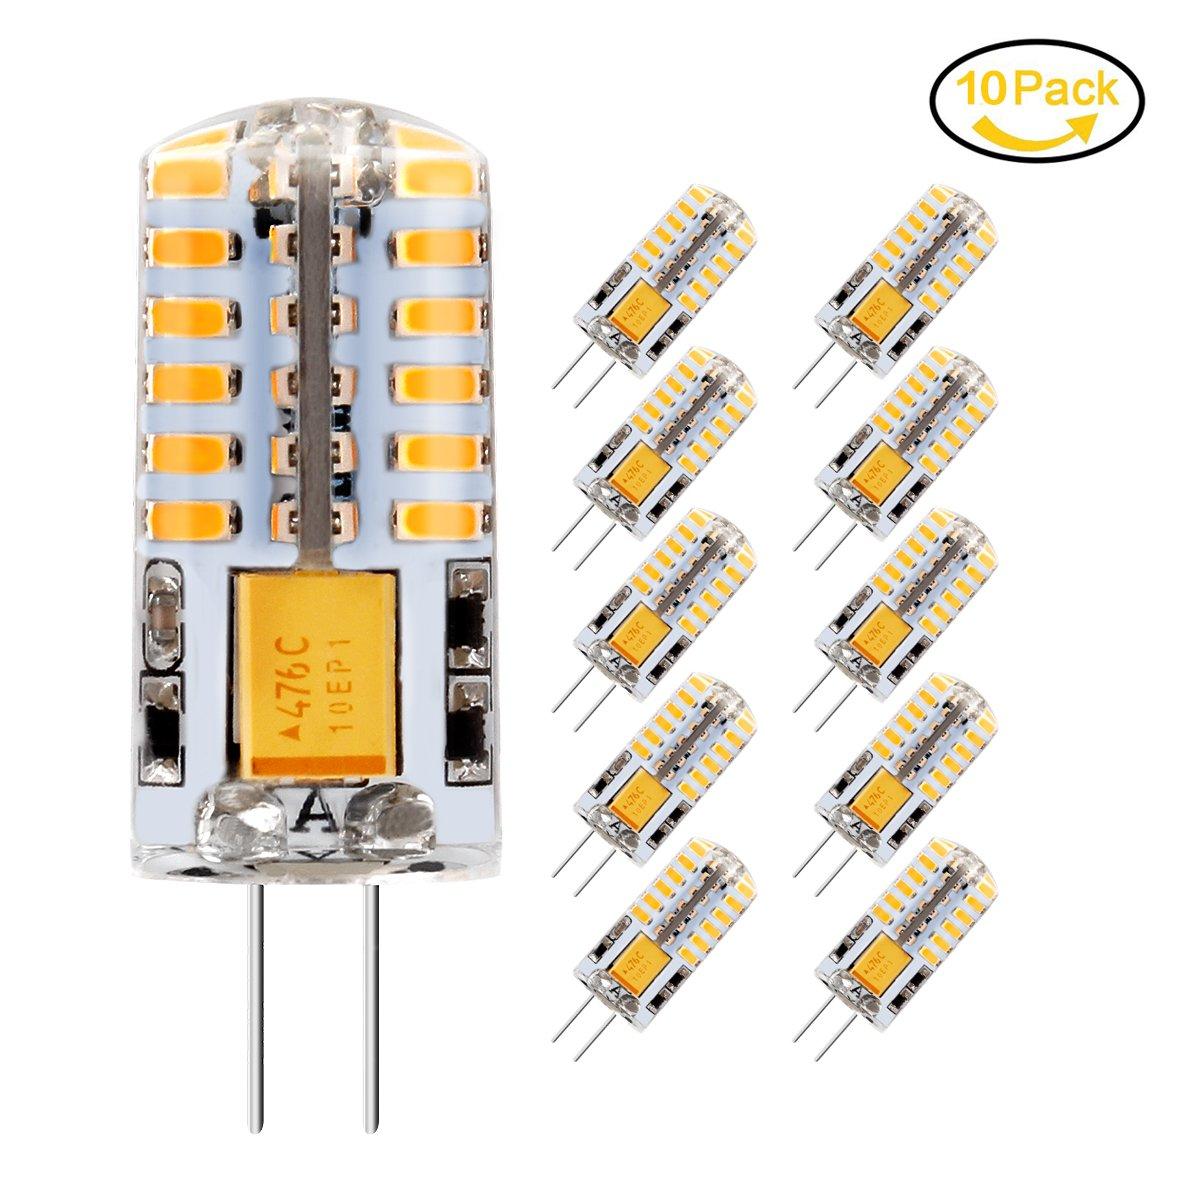 10 x Ampoule LED G4, Jpodream 3.5W 48*3014 SMD LED Lampe, Blanc Chaud 3000K, 35W Ampoule Halogène équivalen, 300 LM, 360° Faisceaux, AC / DC 12V 35W Ampoule Halogène équivalen 360° Faisceaux Mtodreamo 761780397017